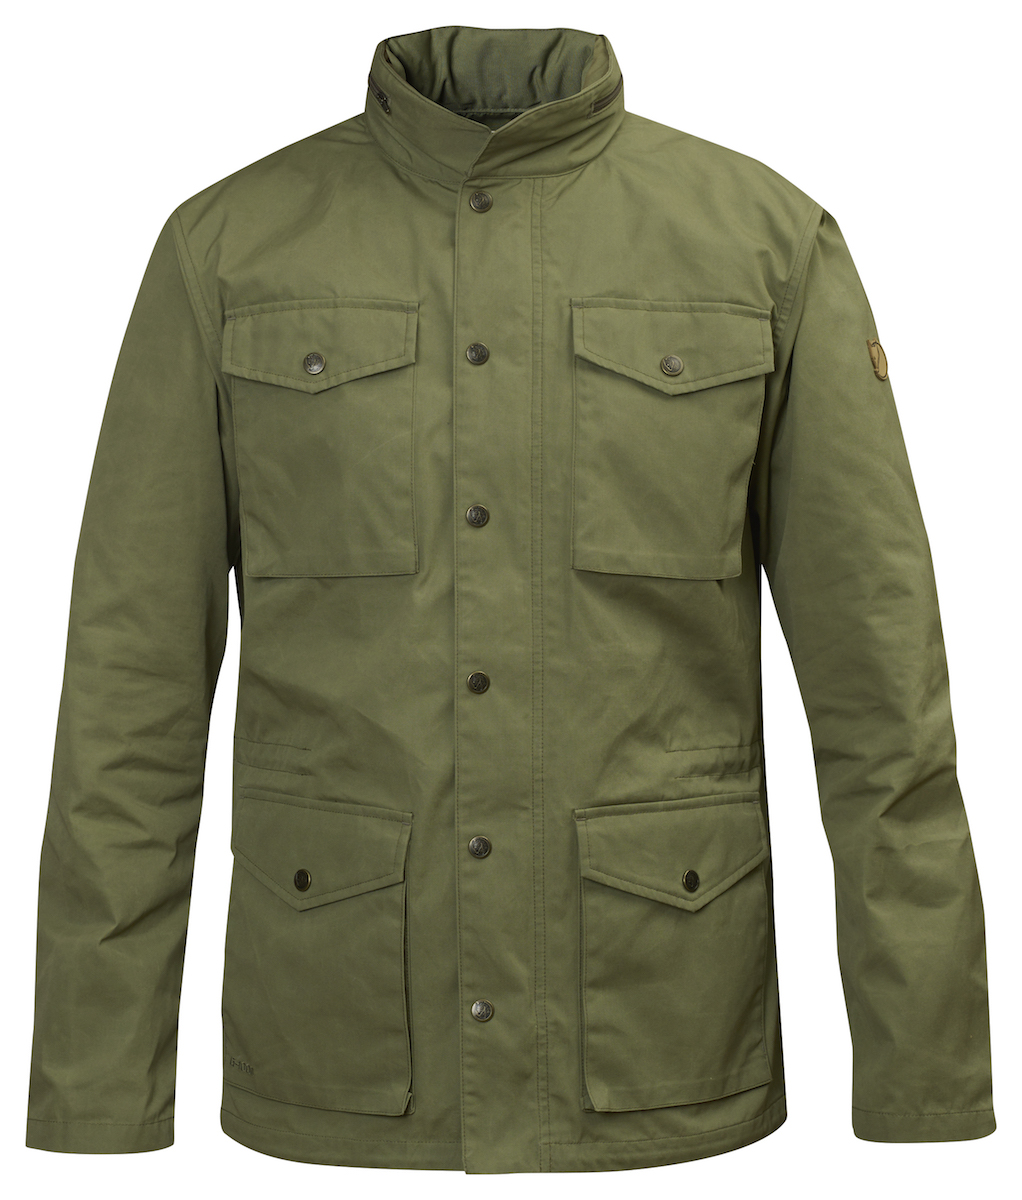 Fjäll Räven Räven Jacket - Green - M - green 82422-620-M